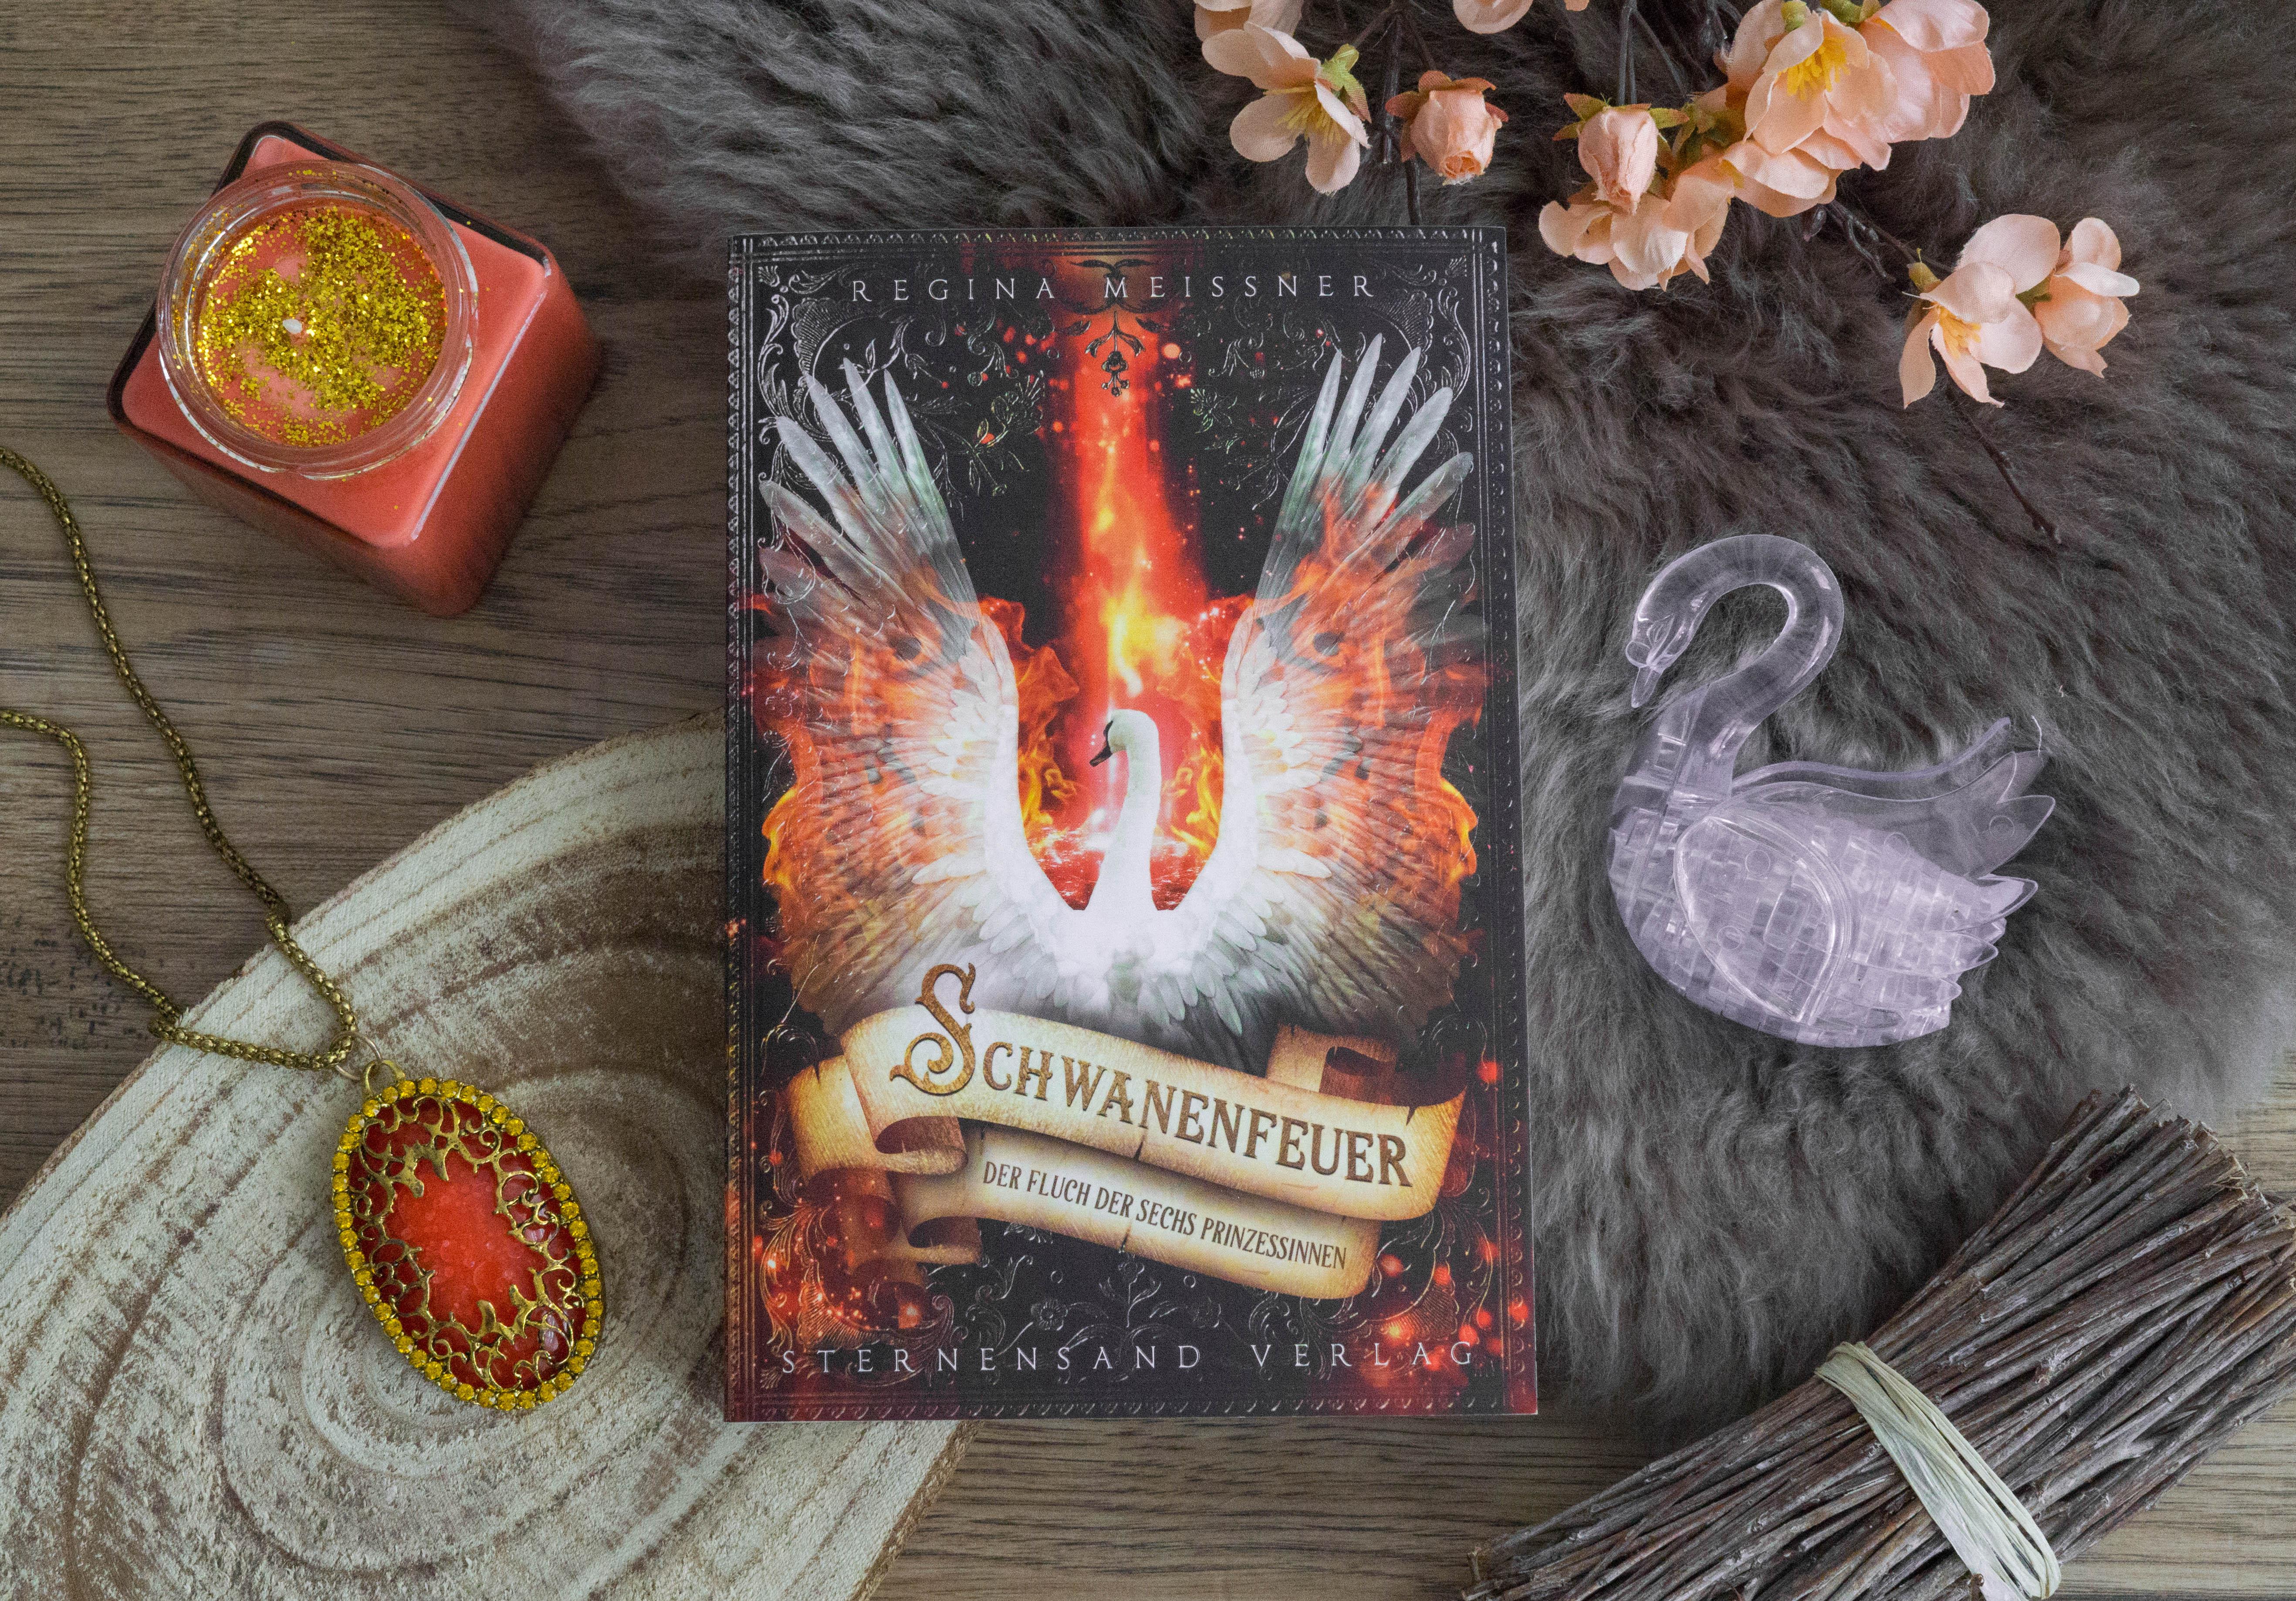 Der Fluch der sechs Prinzessinnen: Schwanenfeuer – Regina Meißner graphic